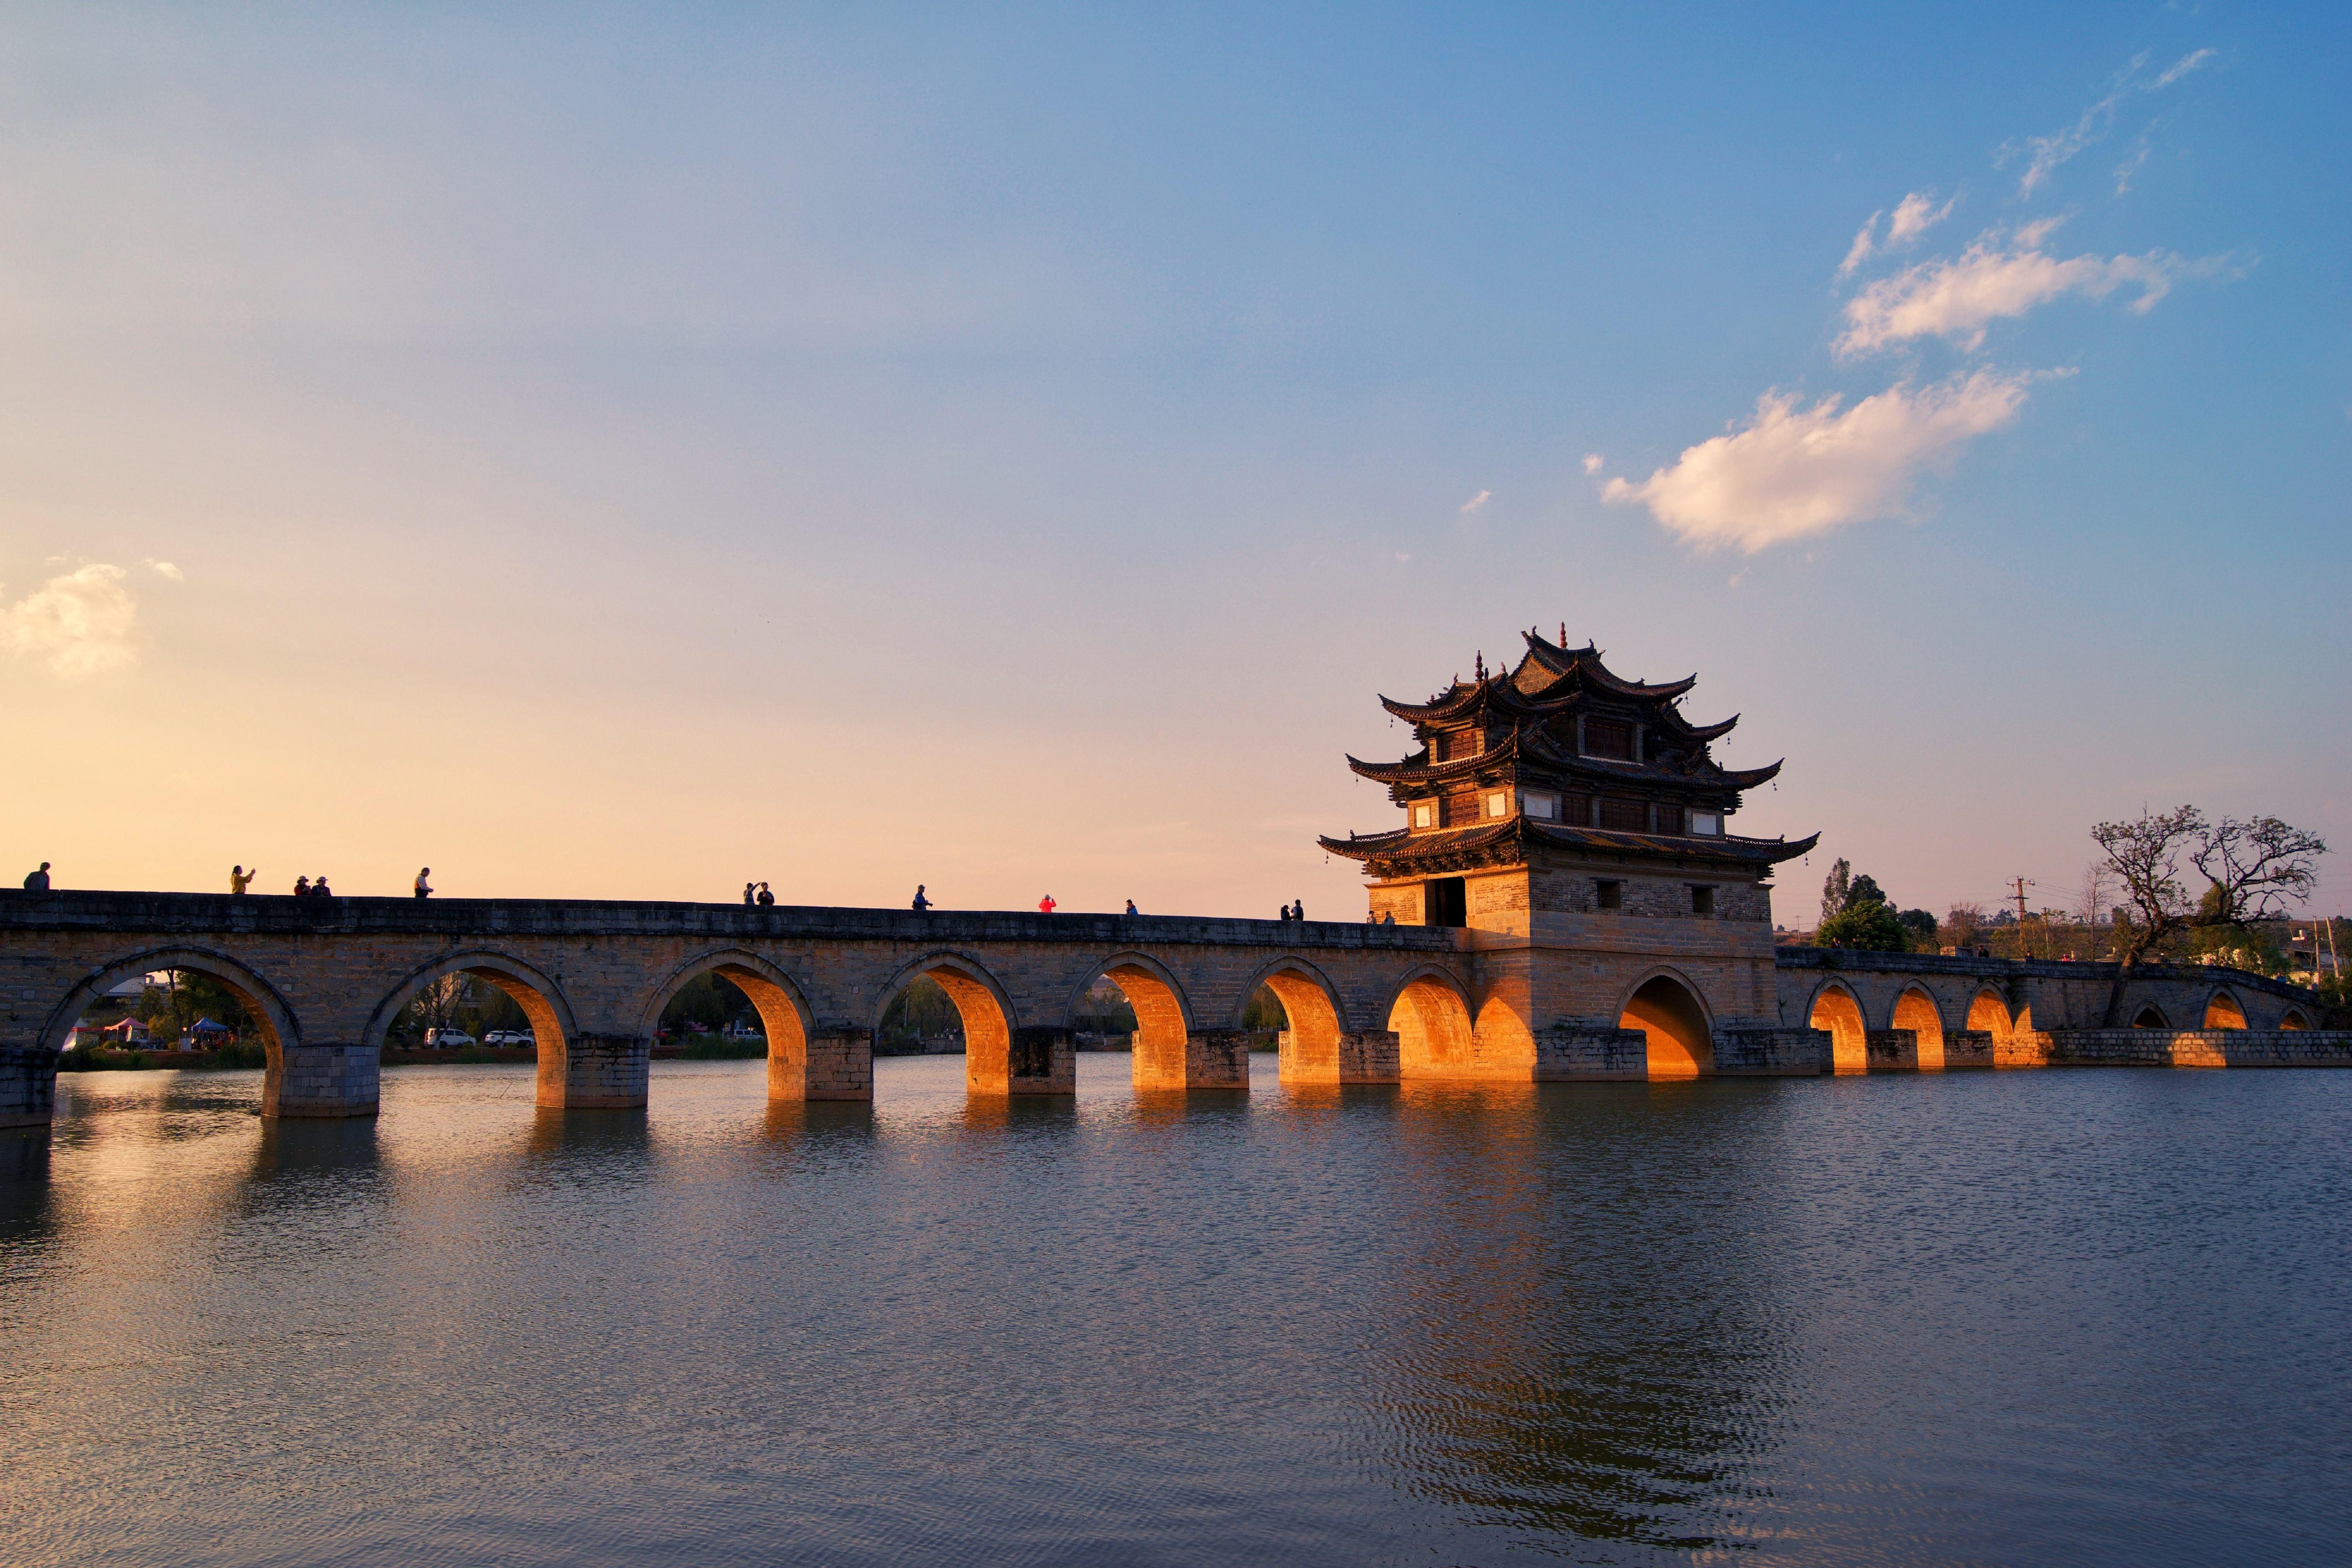 什么时候去泸沽湖旅游最好?有详细介绍吗?